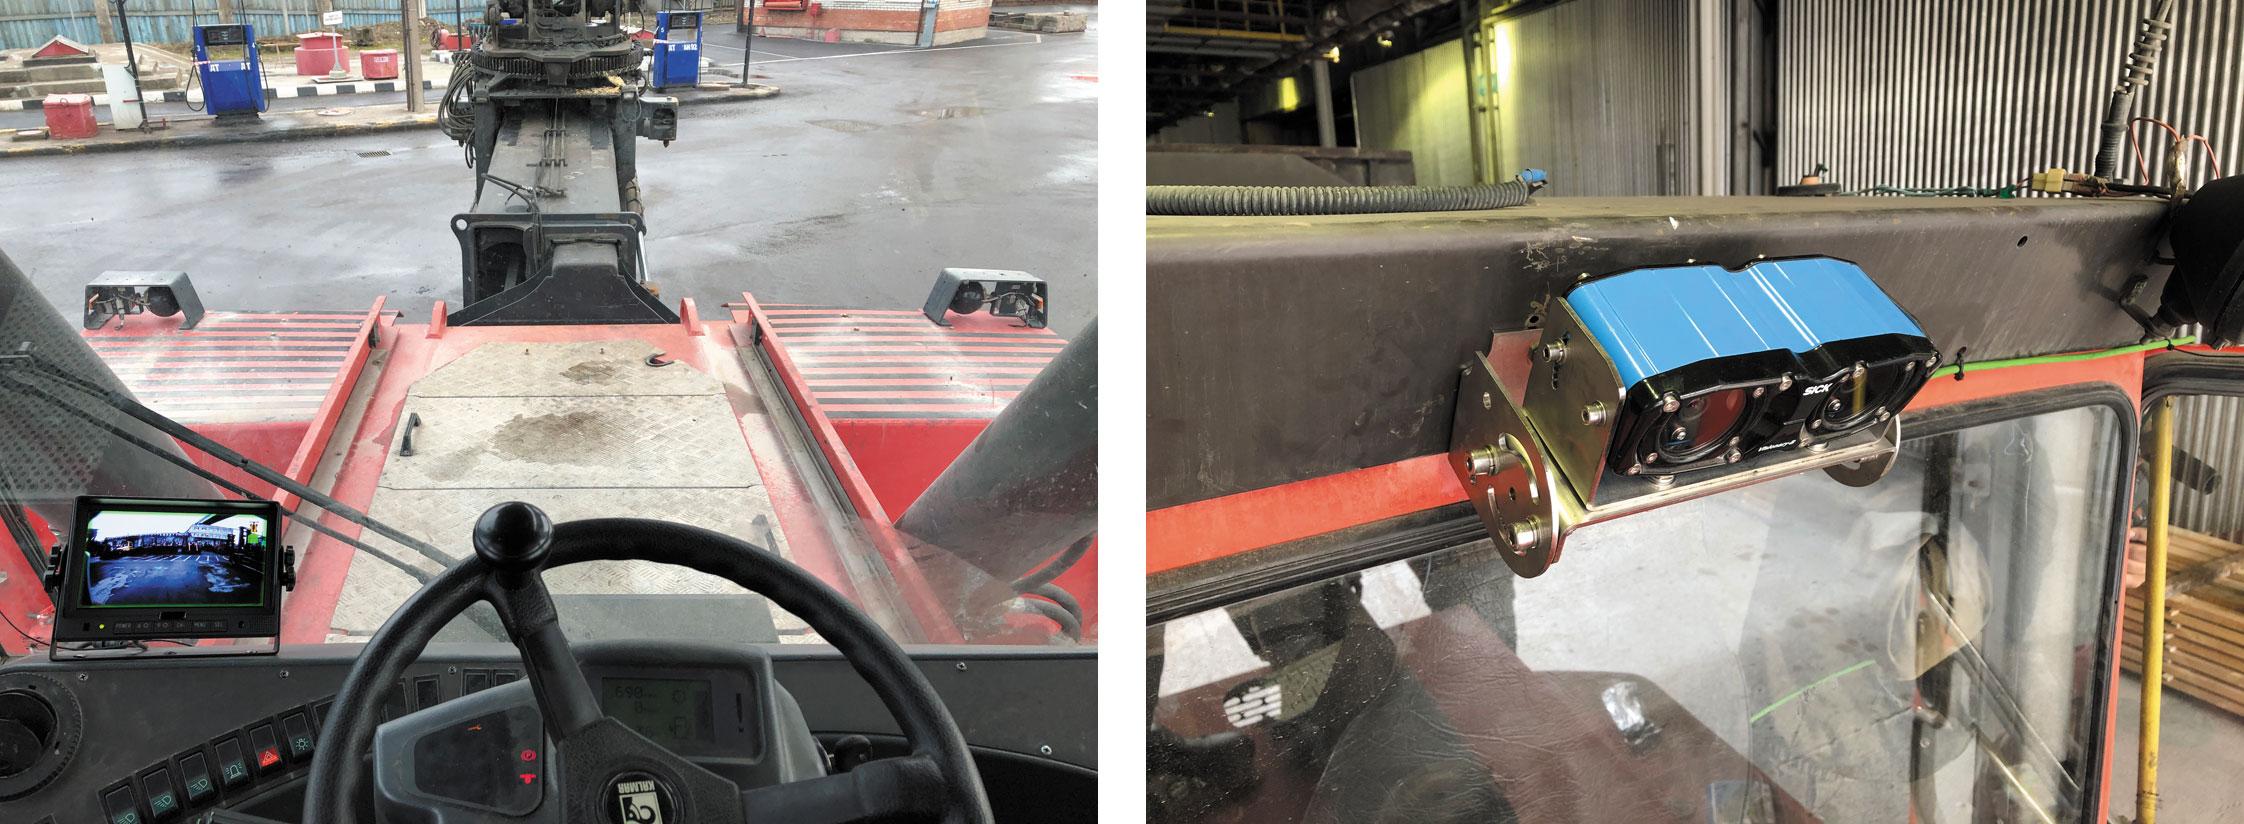 Система Visionary-B на ричстакере предупреждает водителя о возможных столкновениях с неподвижными или движущимися объектами, а также при движении задним ходом или маневрировании в ограниченном пространстве